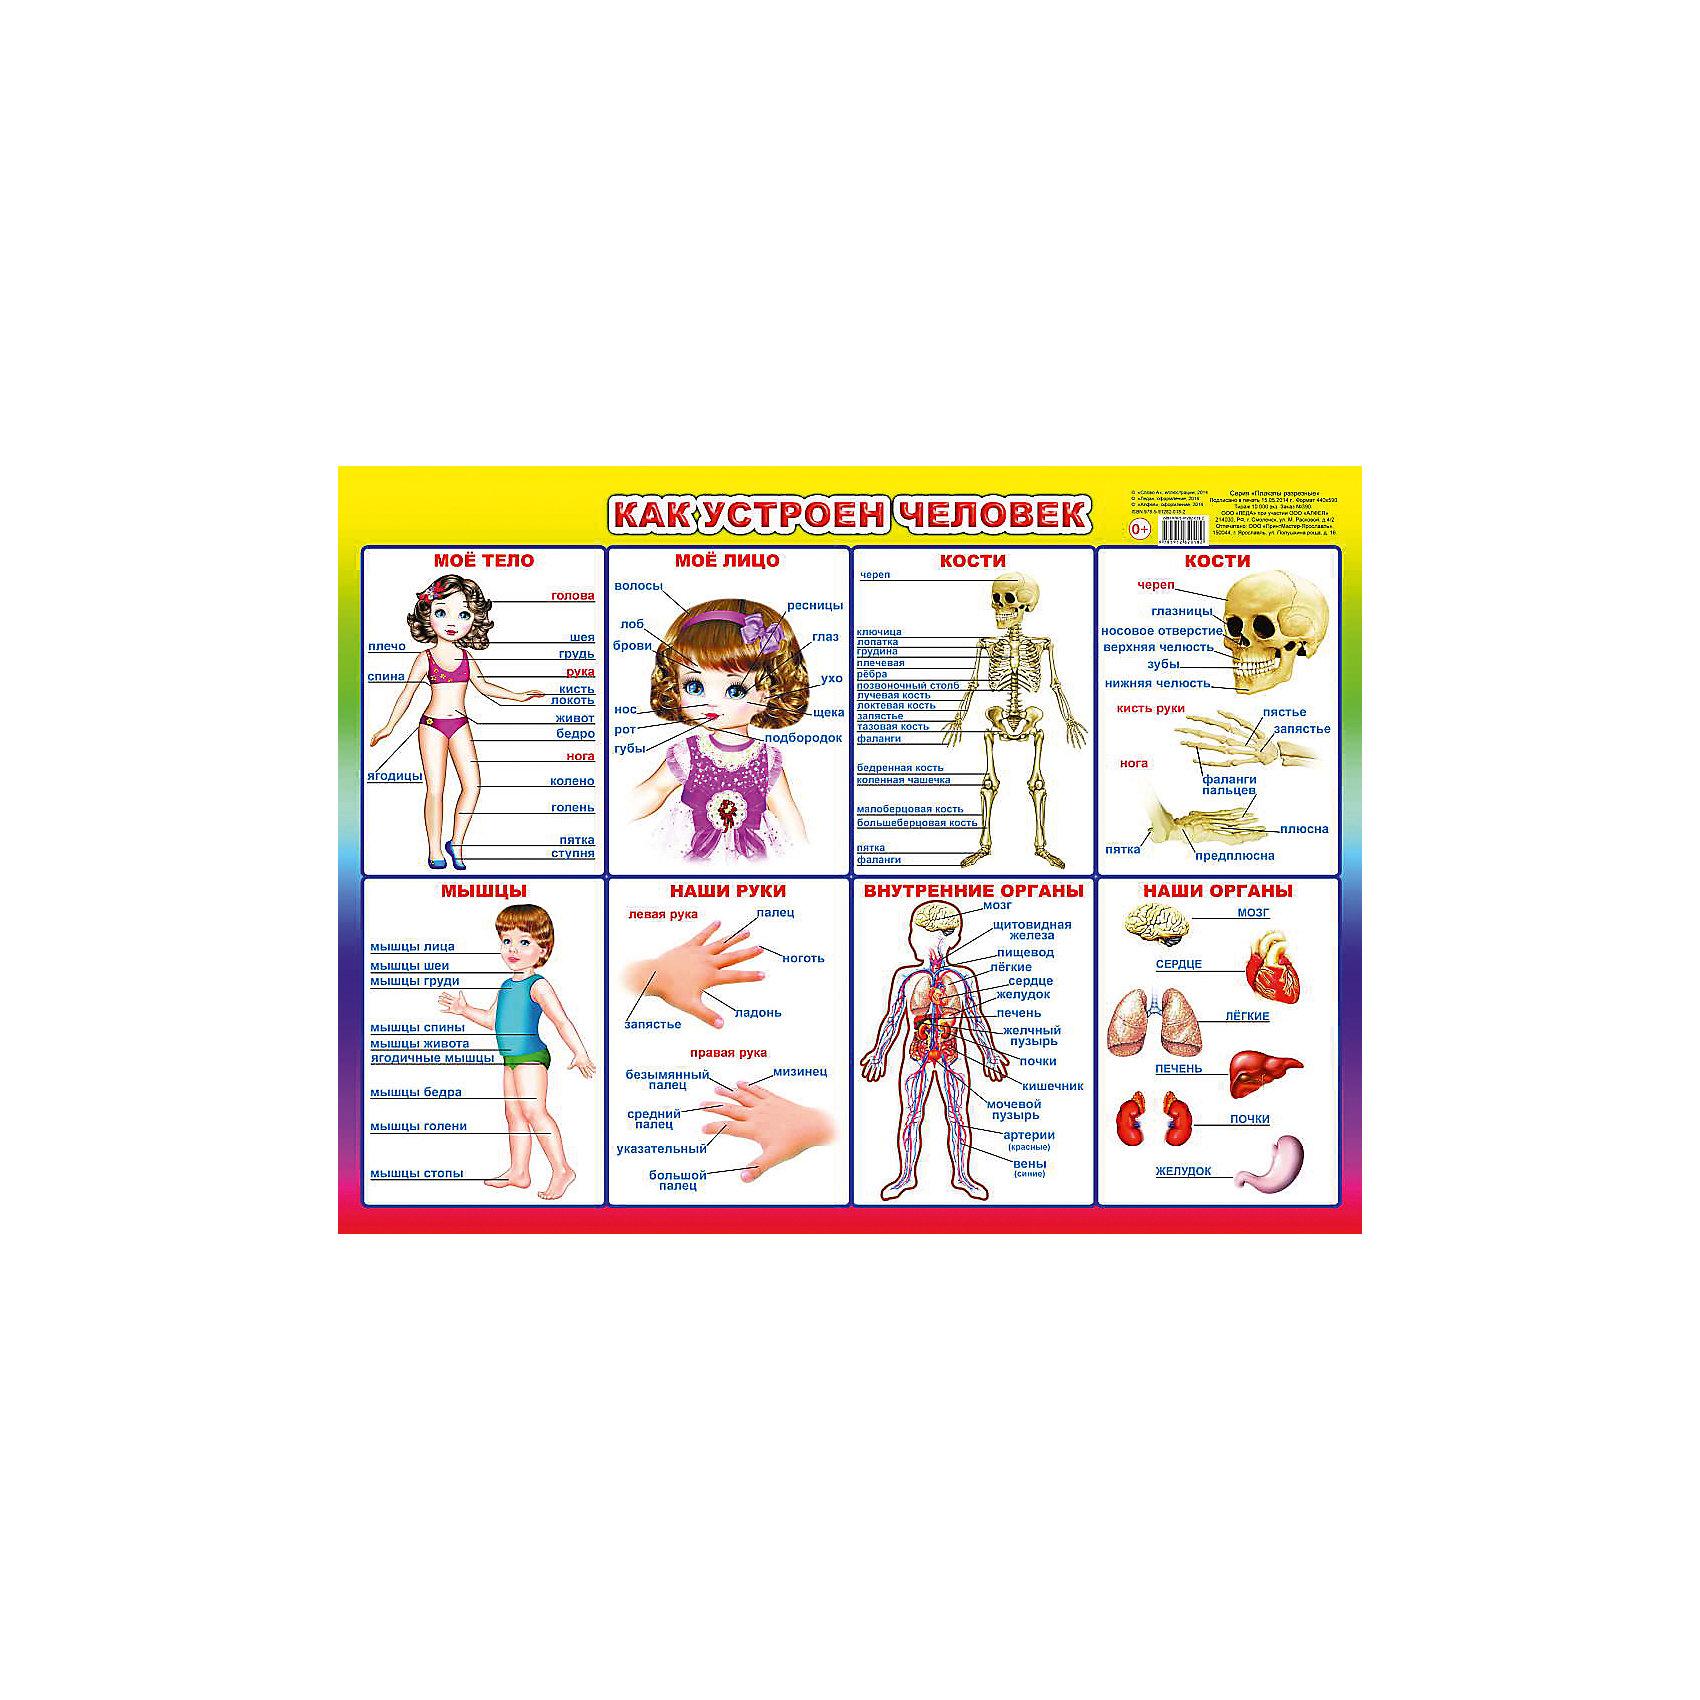 Плакат Как устроен человекПлакат Как устроен человек – это образовательный детский плакат, наглядно отображающий строение человеческого тела.<br>Красочно иллюстрированный плакат Как устроен человек познакомит малыша с анатомией человека. Иллюстрации наглядно показывают строение человеческого тела, и помогут вашему ребенку отлично понять, а главное запомнить, как же мы устроены. Занятия с плакатом развивает образное мышление, пополняет словарный запас, расширяет кругозор, воображение и восприятие.<br><br>Дополнительная информация:<br><br>- Иллюстрации: цветные<br>- Материал: картон<br>- Издательство: Слово А, Алфея, Леда<br>- Серия: Плакаты разрезные<br>- Размер: 44х59 см.<br><br>Плакат Как устроен человек можно купить в нашем интернет-магазине.<br><br>Ширина мм: 440<br>Глубина мм: 2<br>Высота мм: 590<br>Вес г: 50<br>Возраст от месяцев: 12<br>Возраст до месяцев: 48<br>Пол: Унисекс<br>Возраст: Детский<br>SKU: 4591091